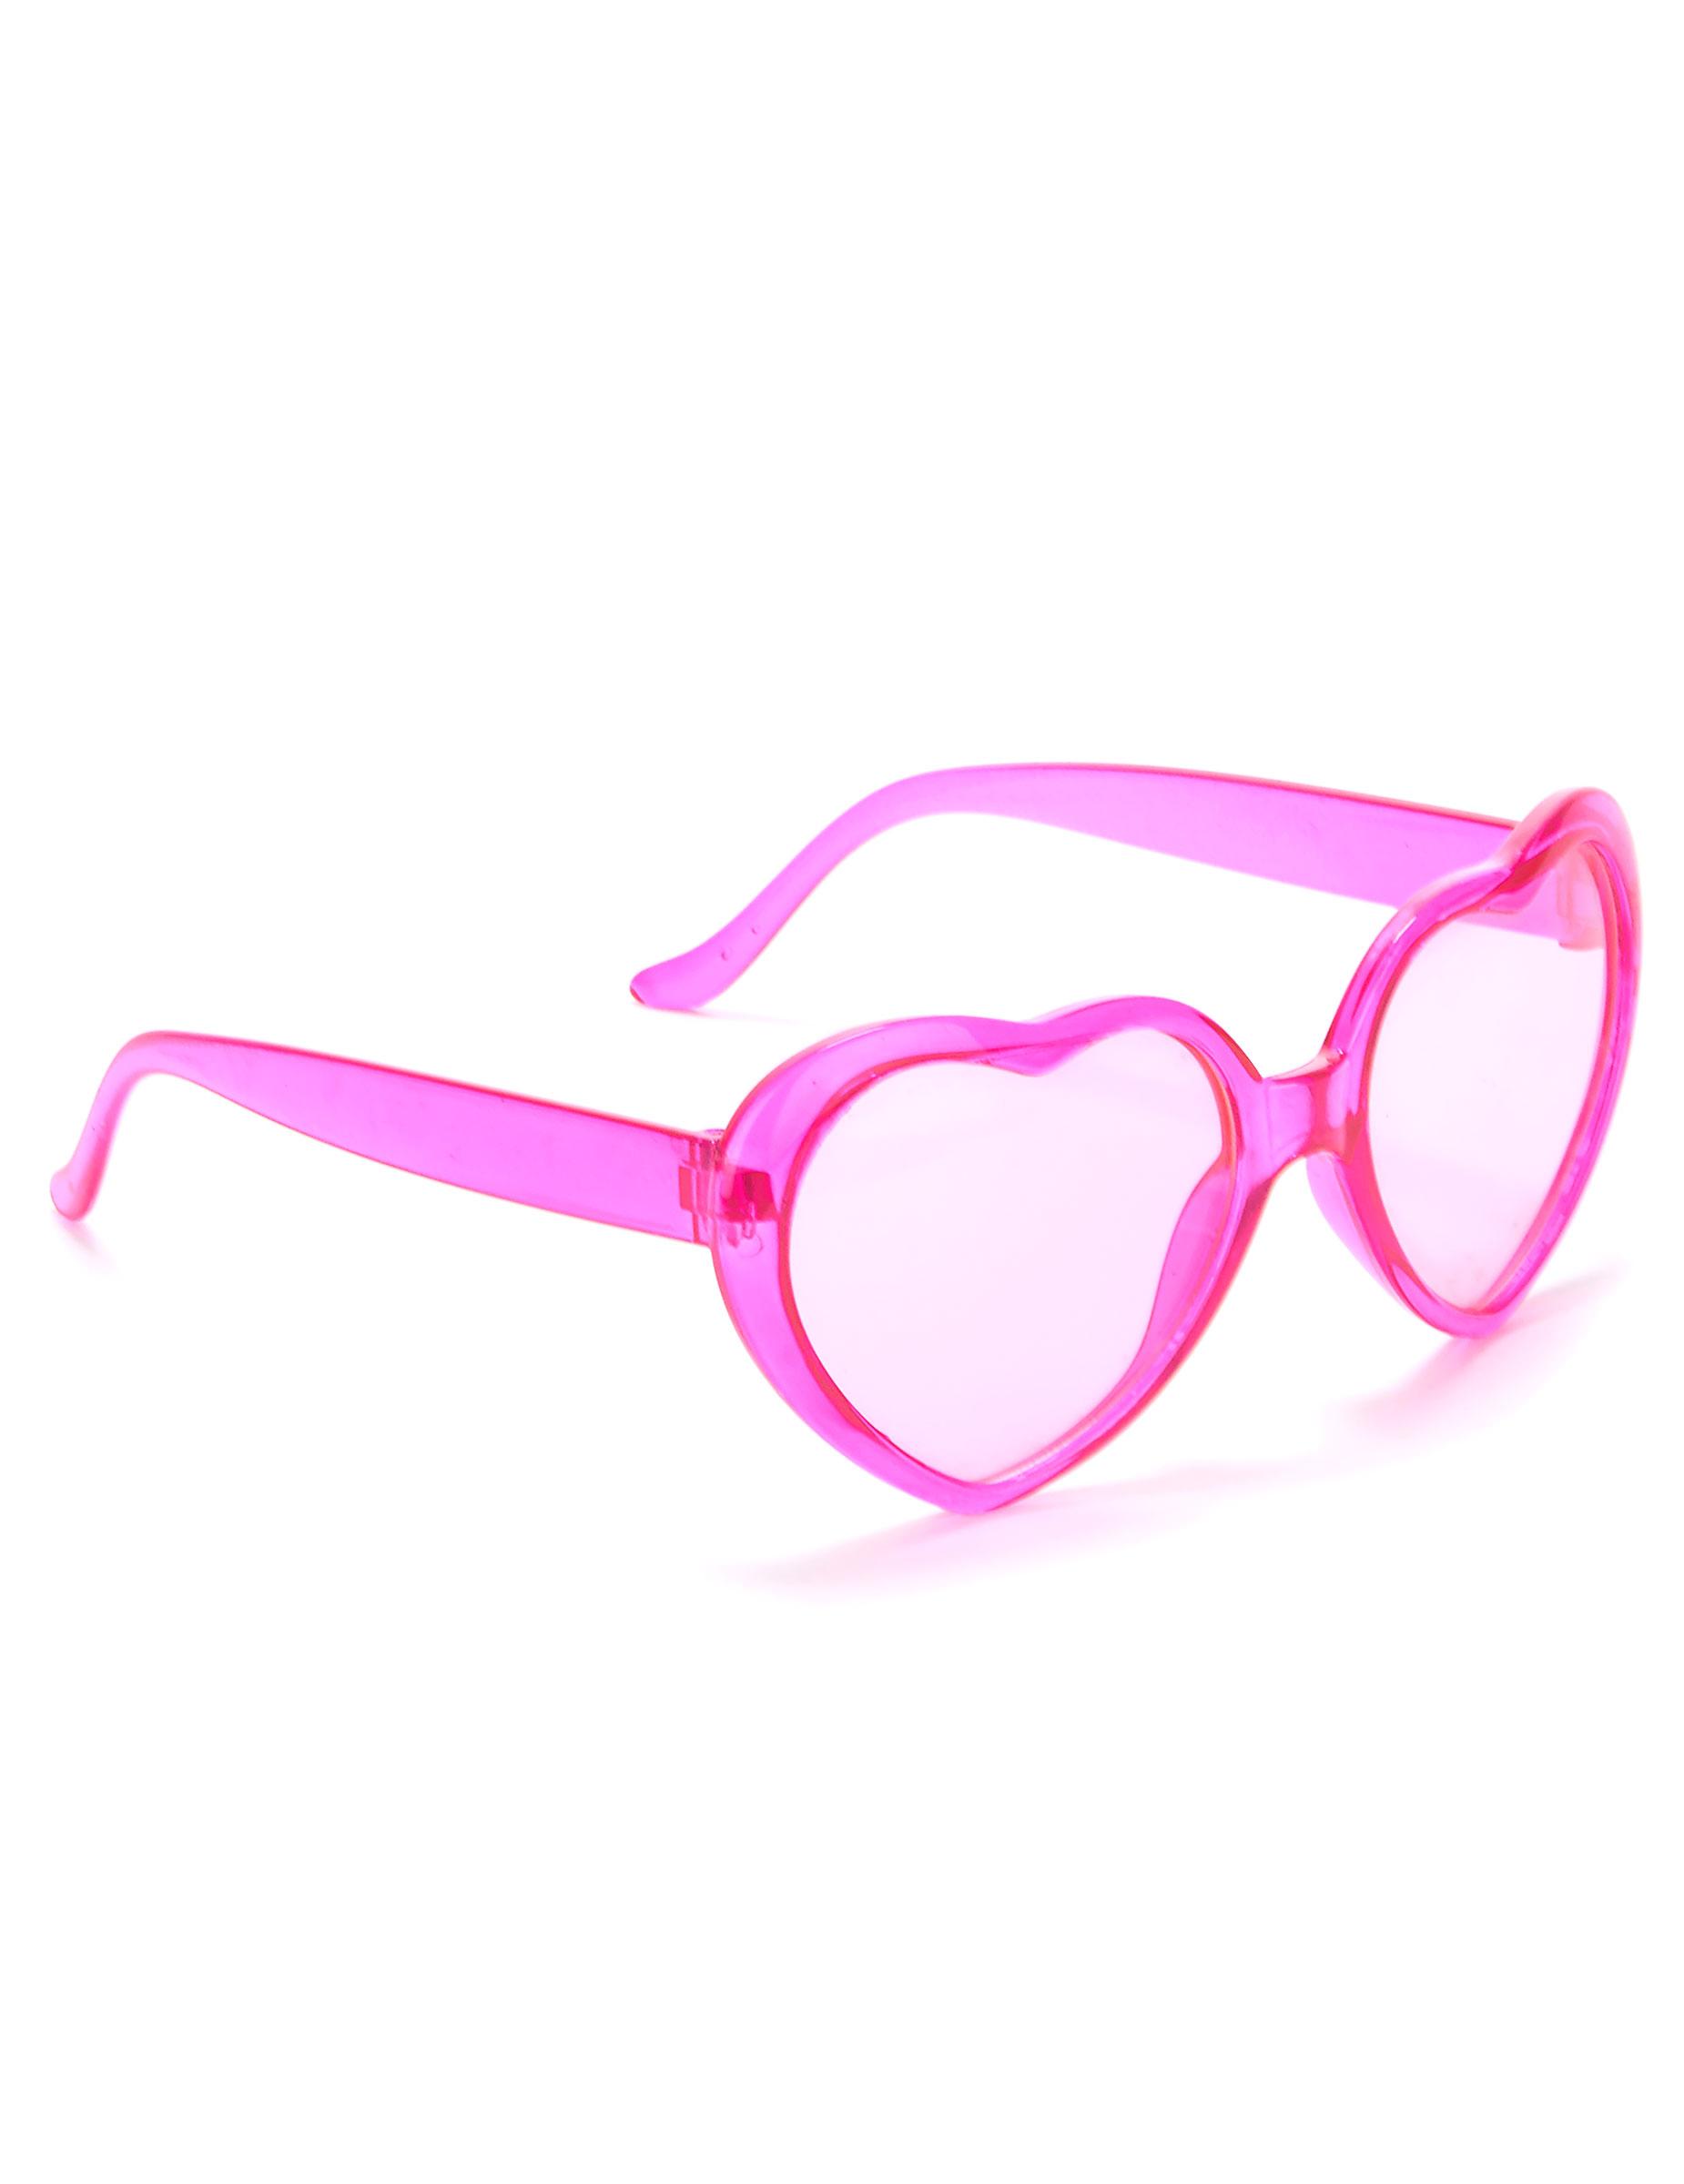 cerca genuino acquista lusso diversamente Occhiali a cuore rosa di plastica